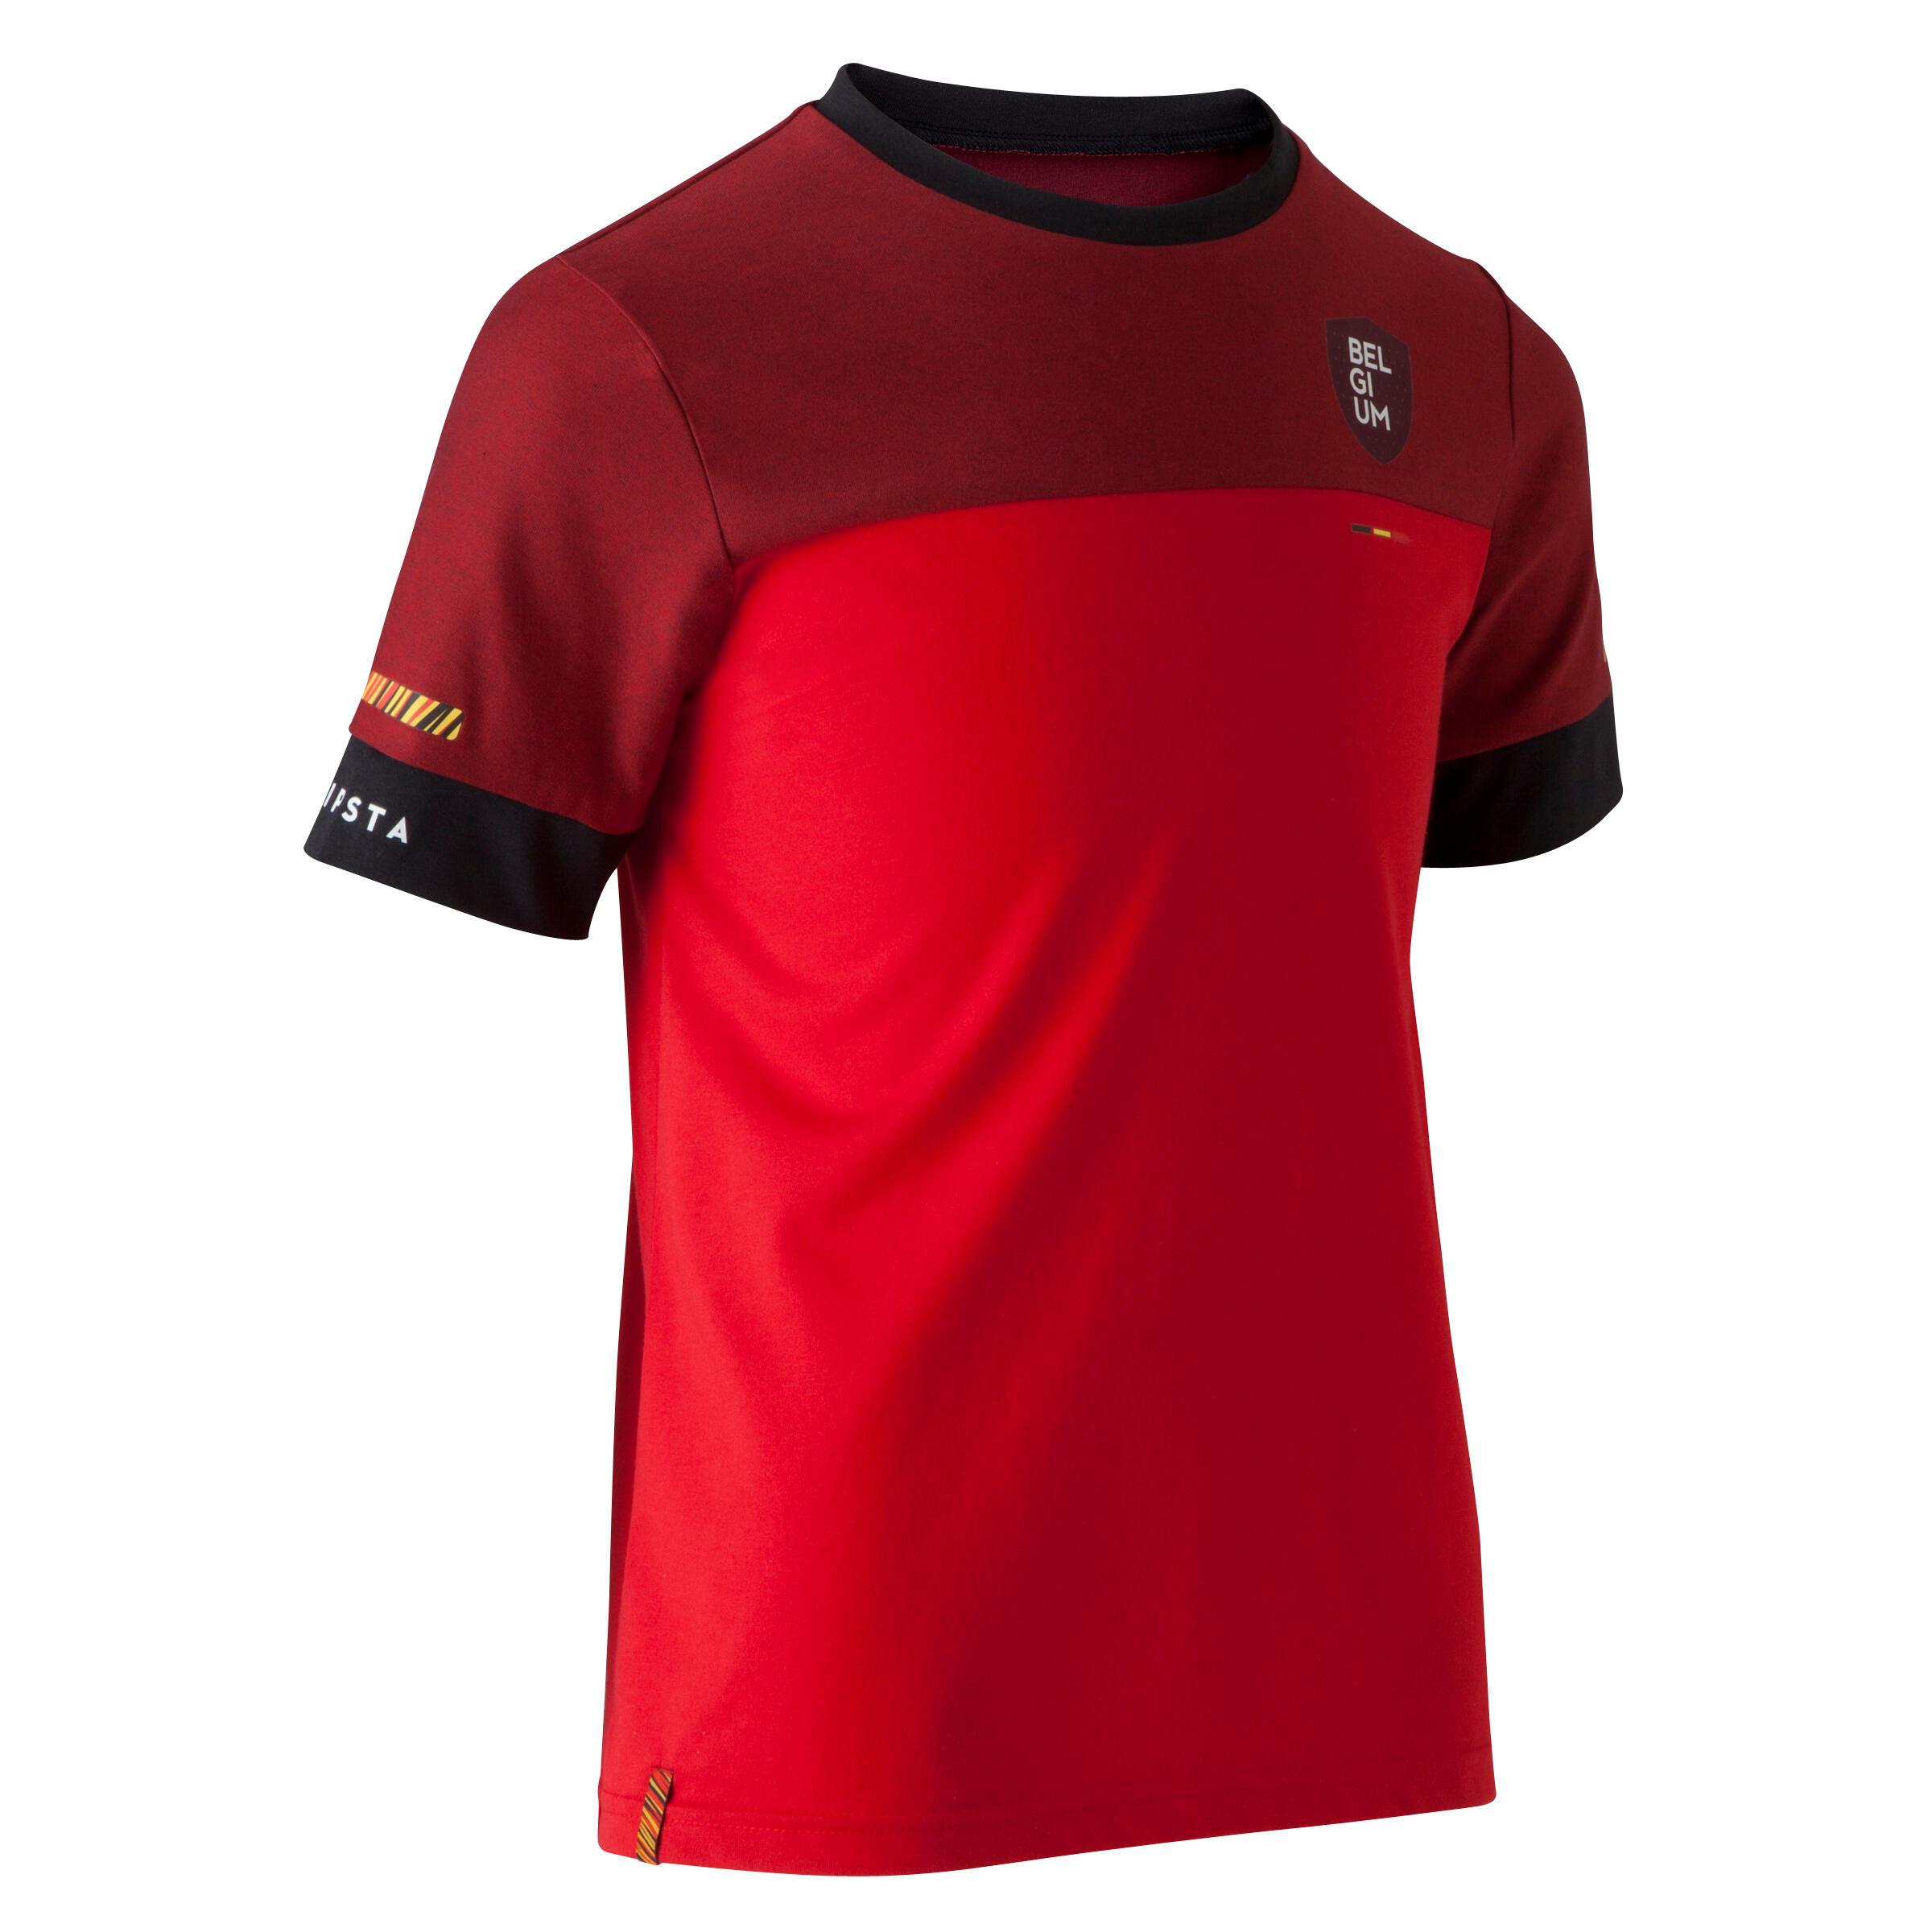 Camisetas Oficiales Selecciones y Equipos Fútbol  8975500ebf51c